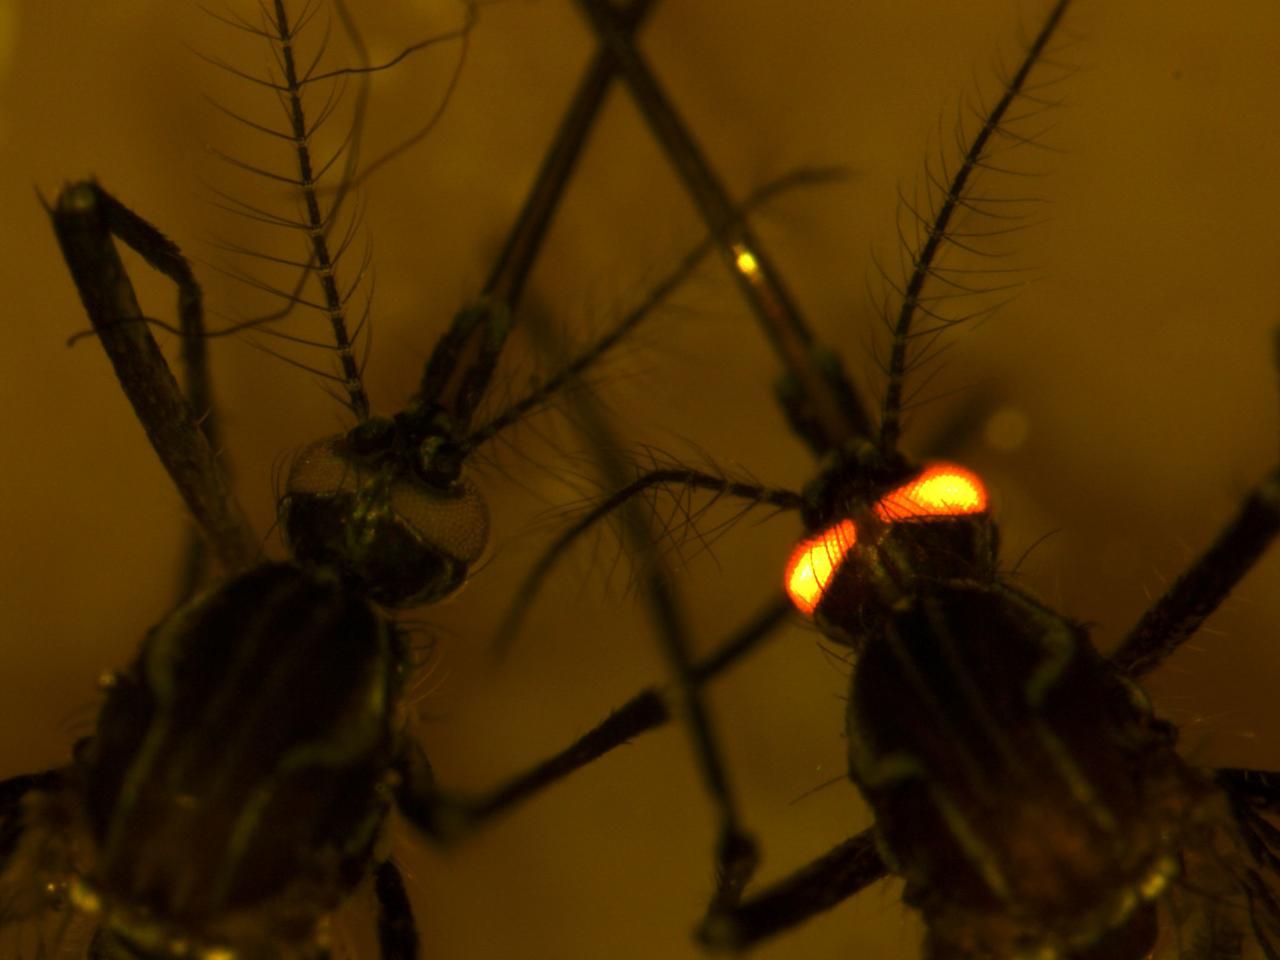 https://assets.newatlas.com/dims4/default/1459a63/2147483647/strip/true/crop/2048x1536+0+0/resize/1280x960!/quality/90/?url=https%3A%2F%2Fassets.newatlas.com%2F2f%2F45%2F93f72427420f816c264bcdc9a4bf%2Fdengue-resistant-mosquitoes.jpg